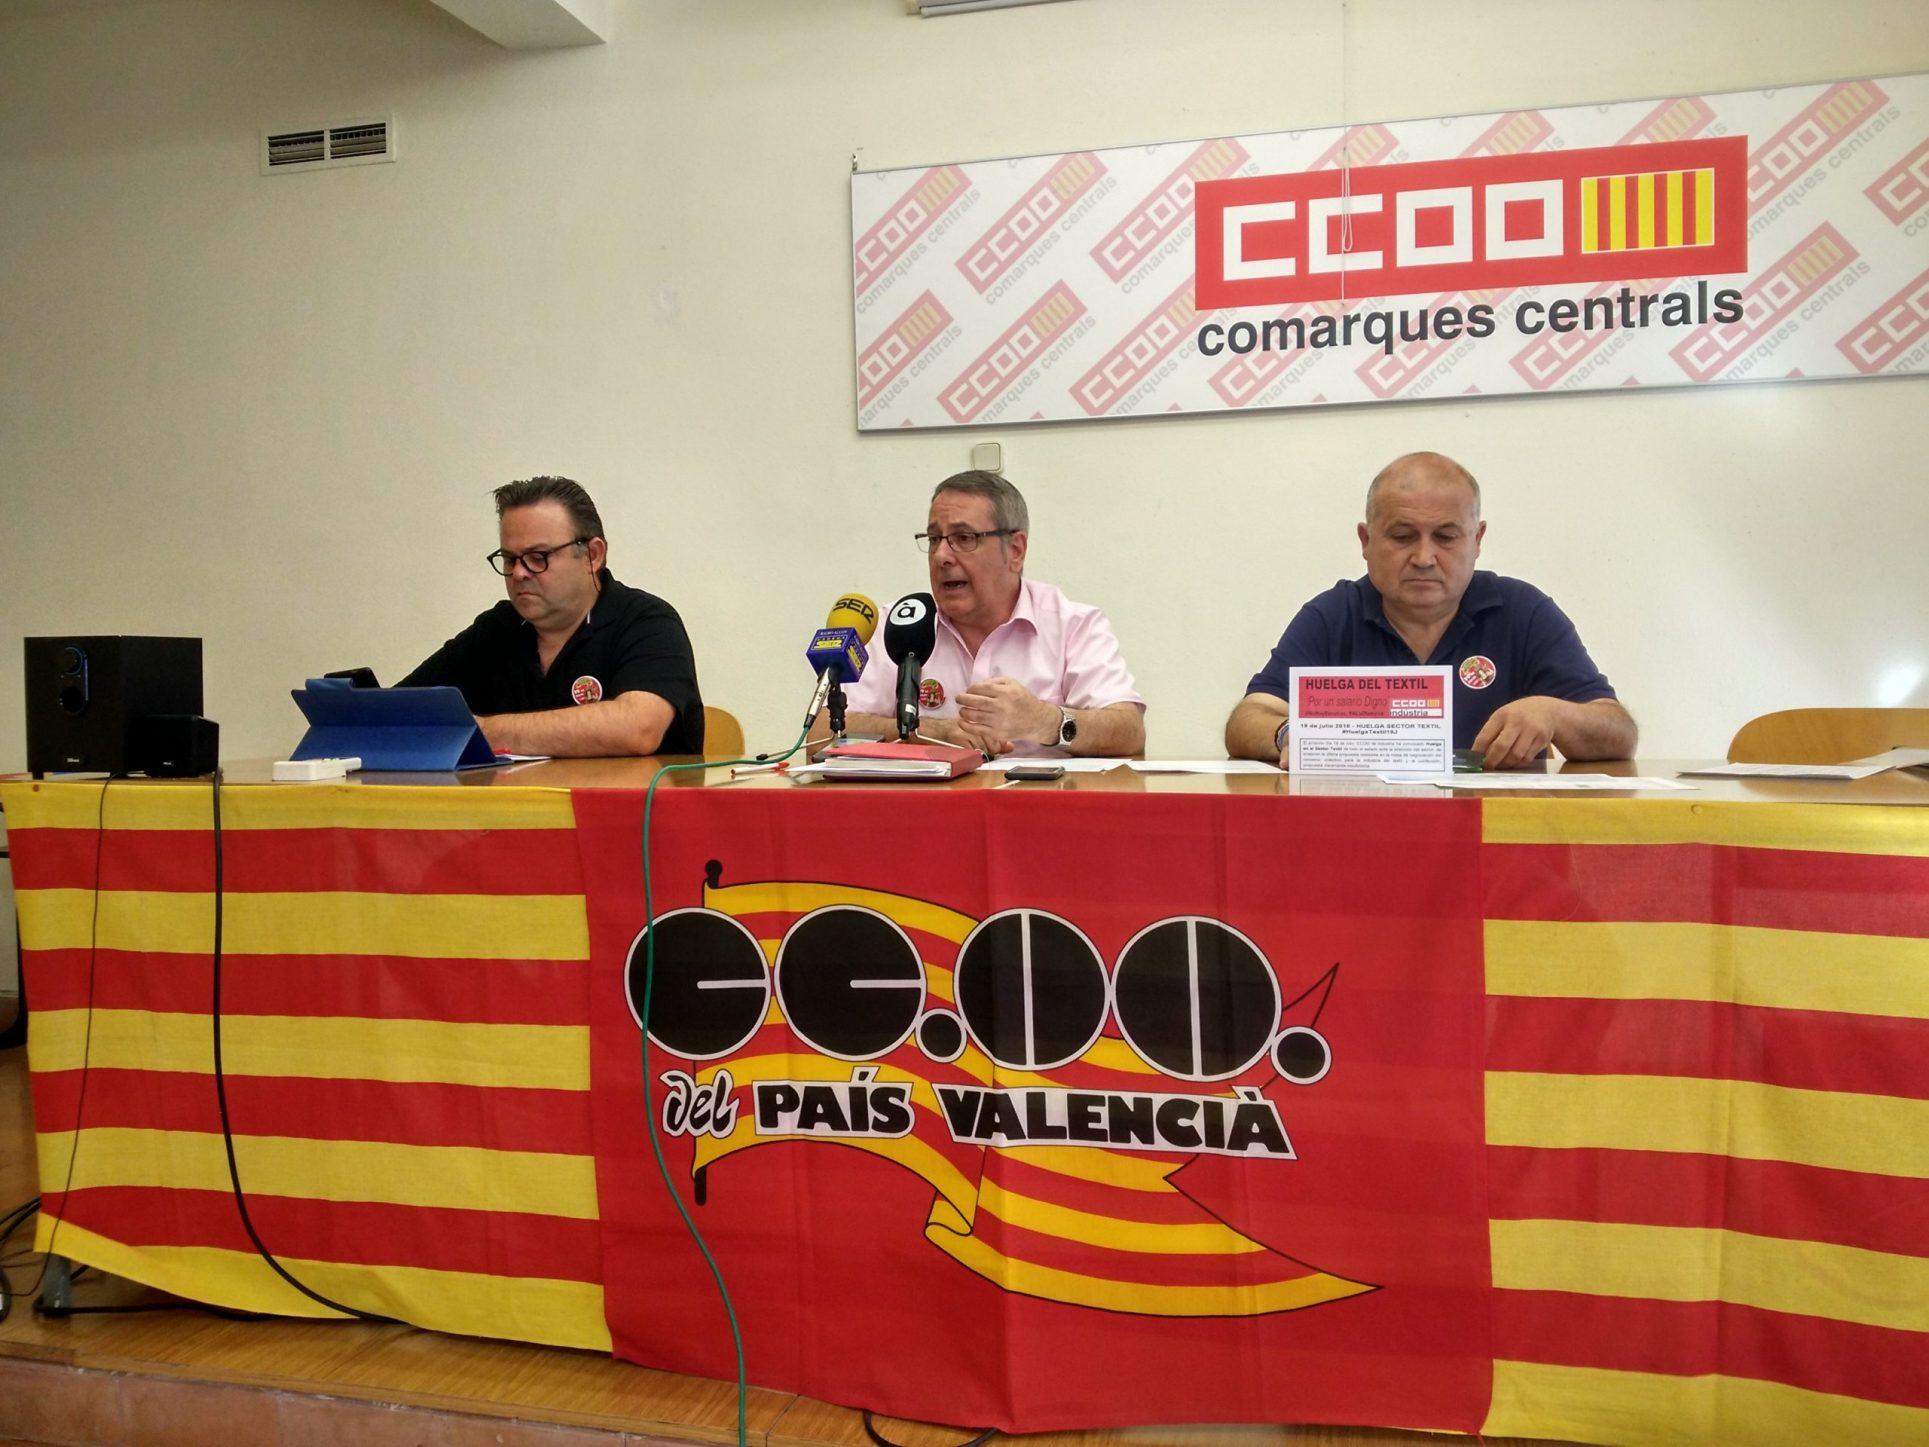 Arranca la vaga del tèxtil a Ontinyent El Periòdic d'Ontinyent - Noticies a Ontinyent